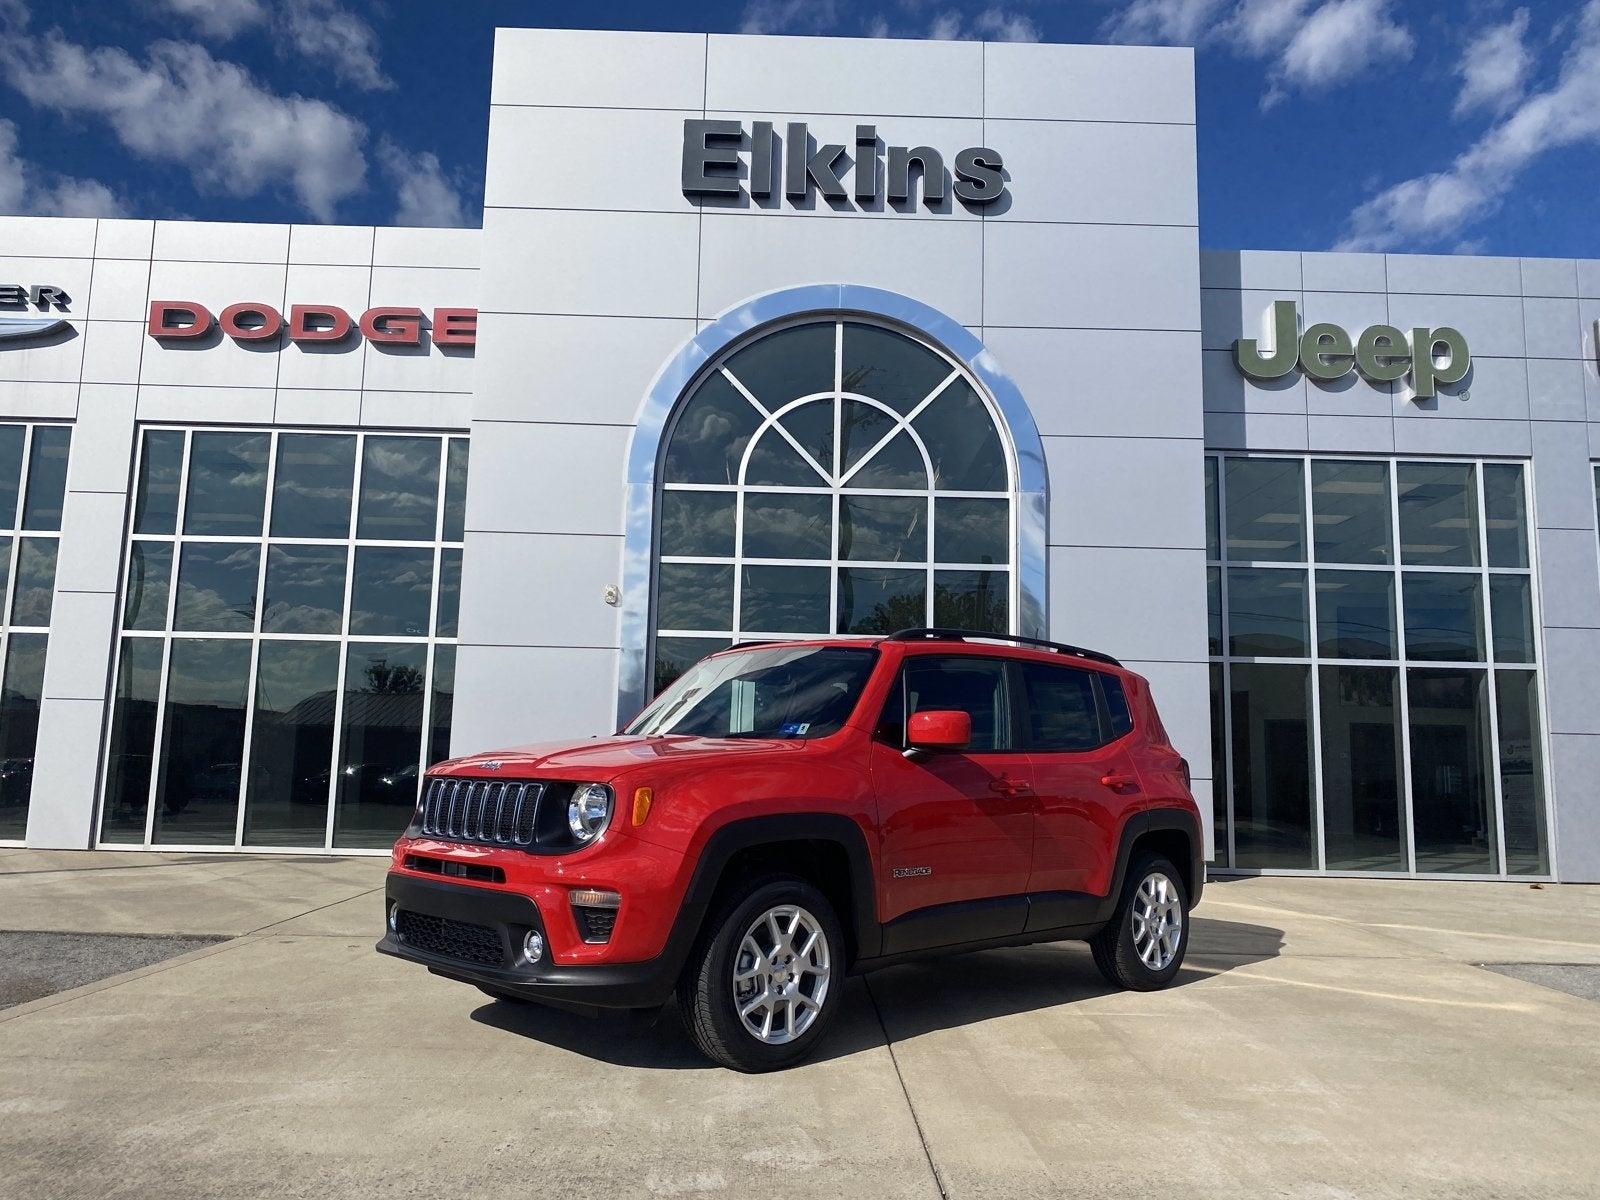 2021 Jeep Renegade Elkins WV